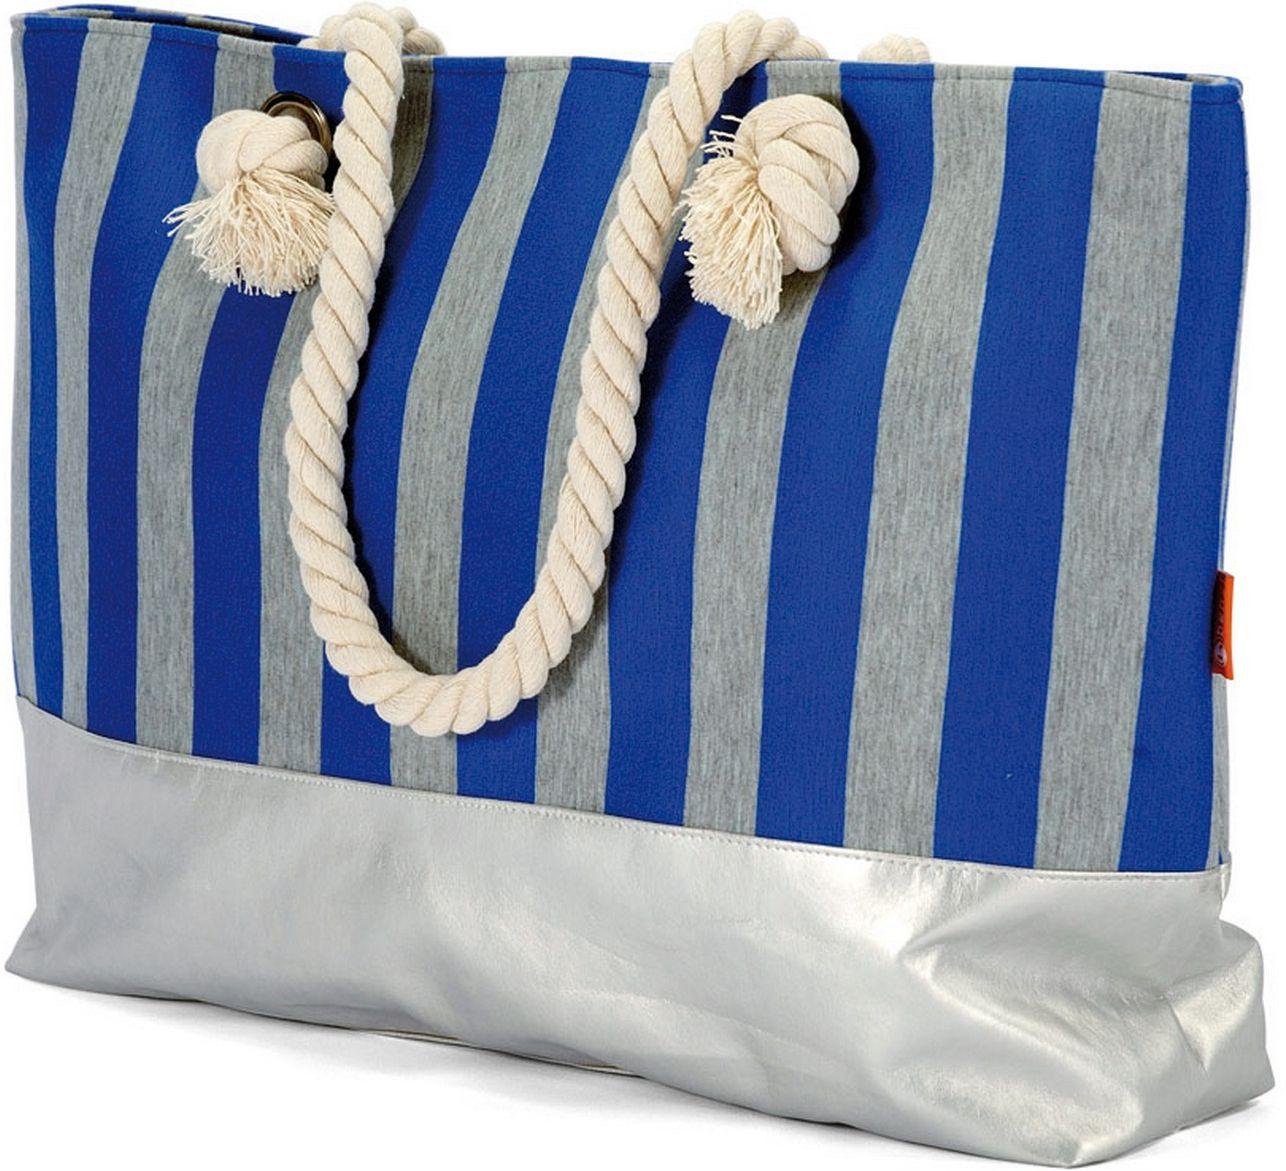 Τσαντα Θαλασσης Benzi BZ4531 Μπλε πορτοφολια   αξεσουάρ   αξεσουαρ   τσάντες παραλίας